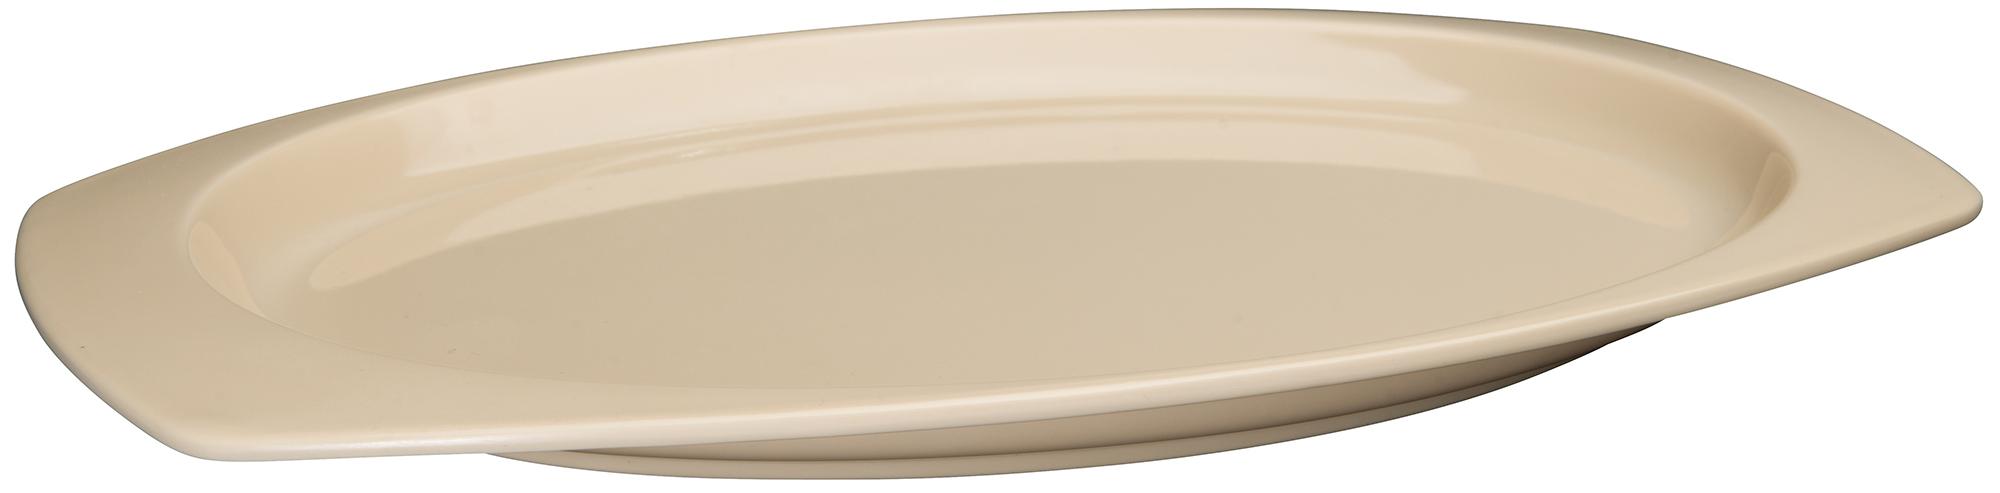 Winco MMPT-129 rectangulater platter